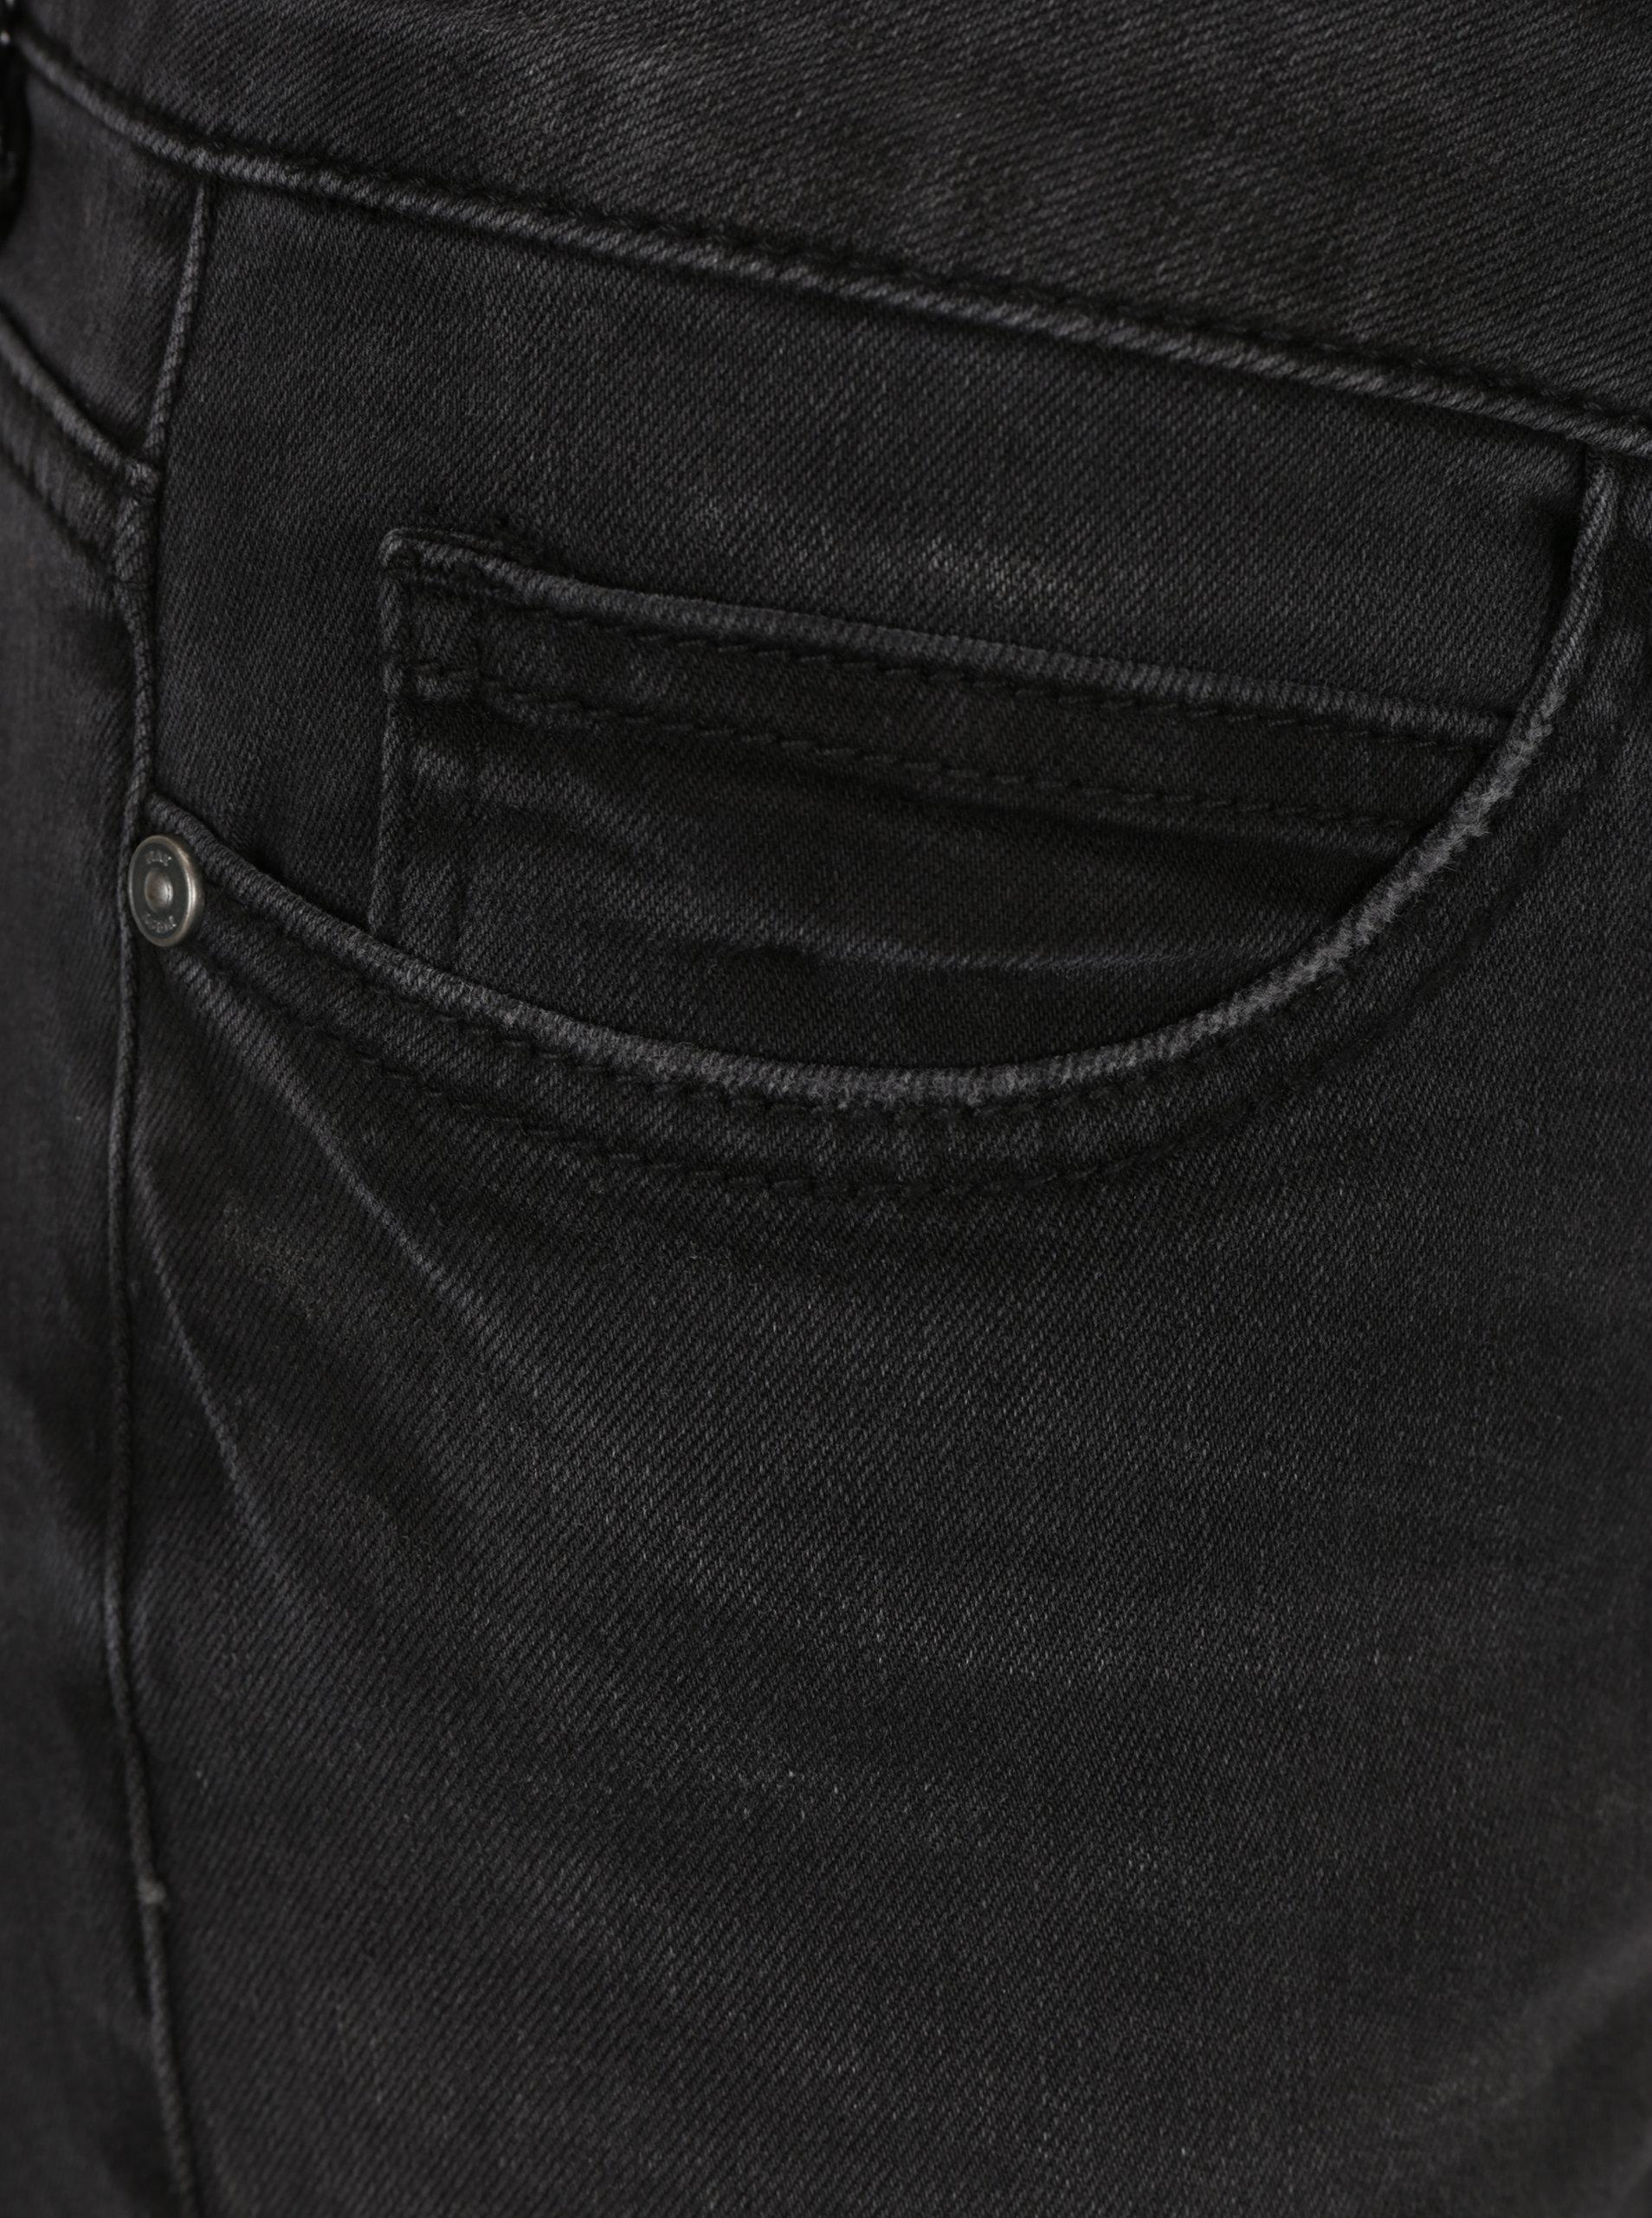 Tmavě šedé skinny džíny s potrhaným efektem Noisy May Lucy ... 674ef6cf29